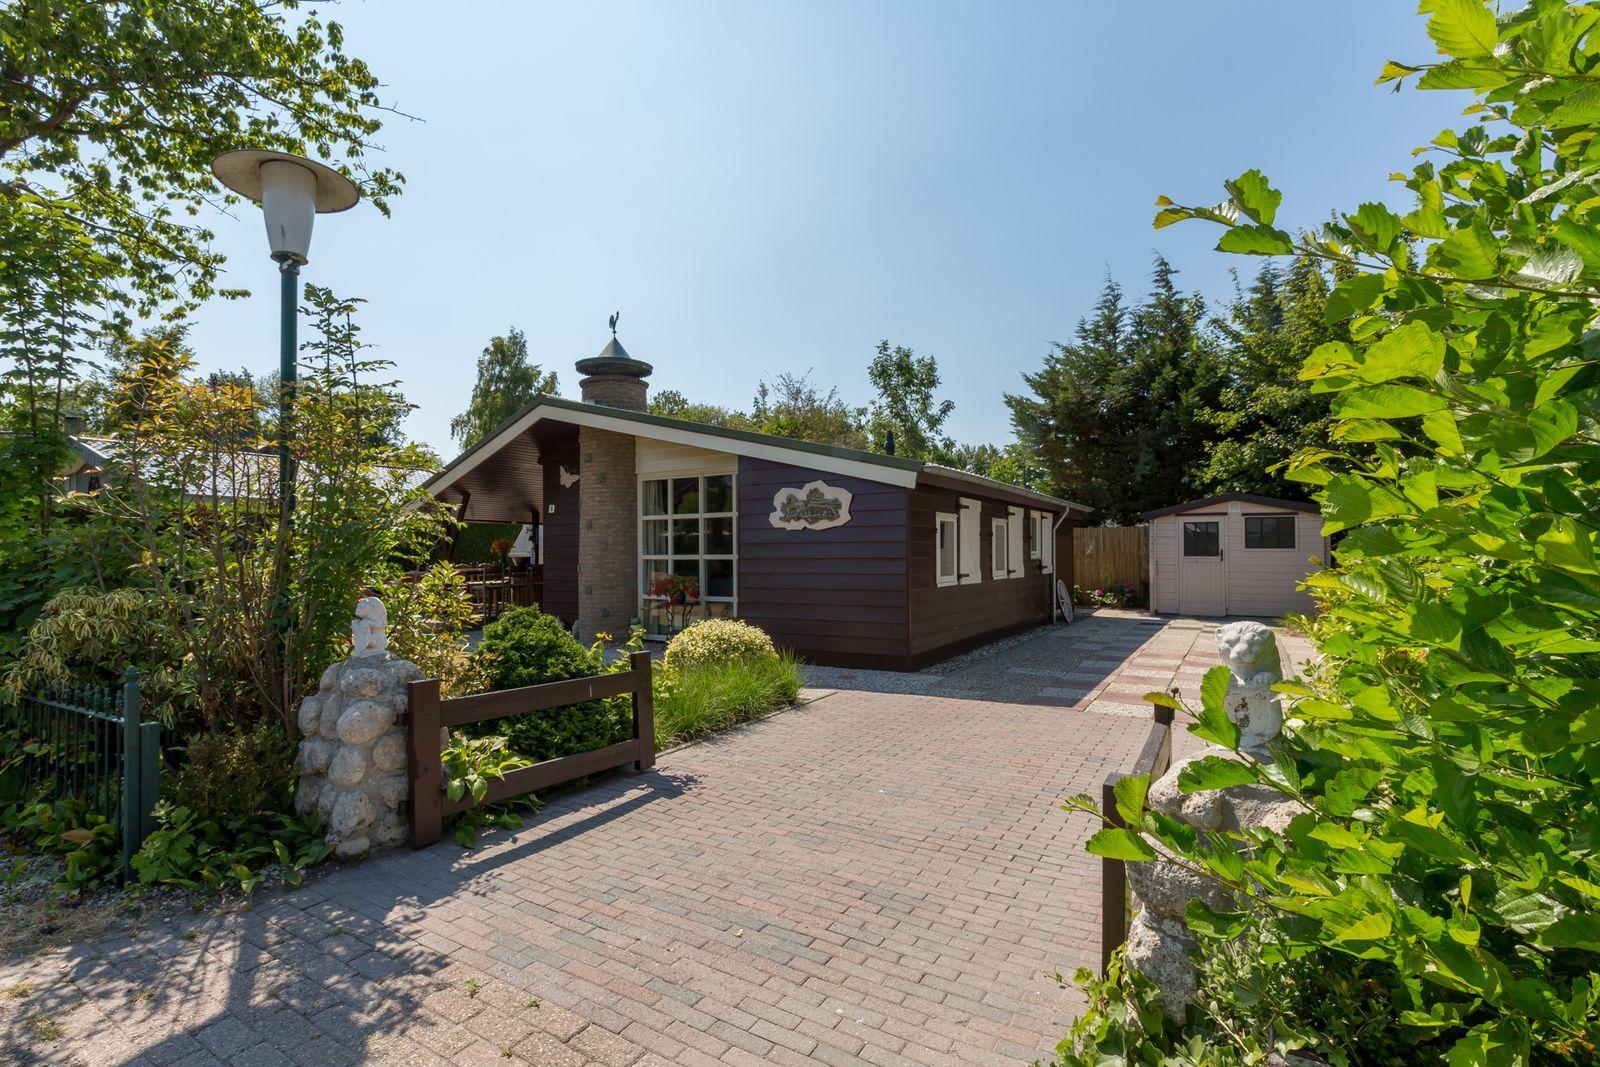 Holidayhouse - Geertruidaweg 8 | Scherpenisse